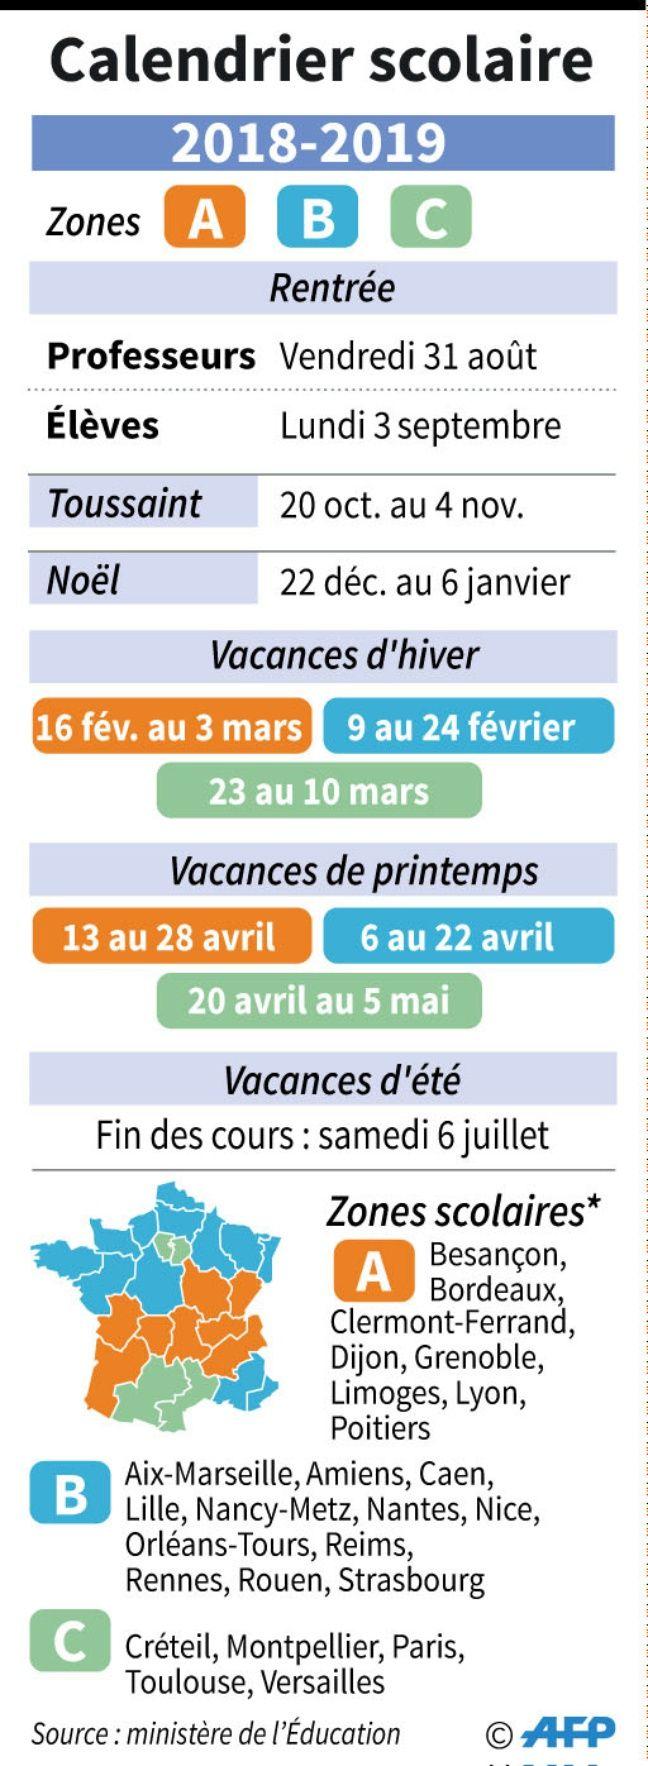 Calendrier Vacances Scolaires 2019 Nantes.Calendrier Scolaire Rentrees Vacances Ponts Les Dates